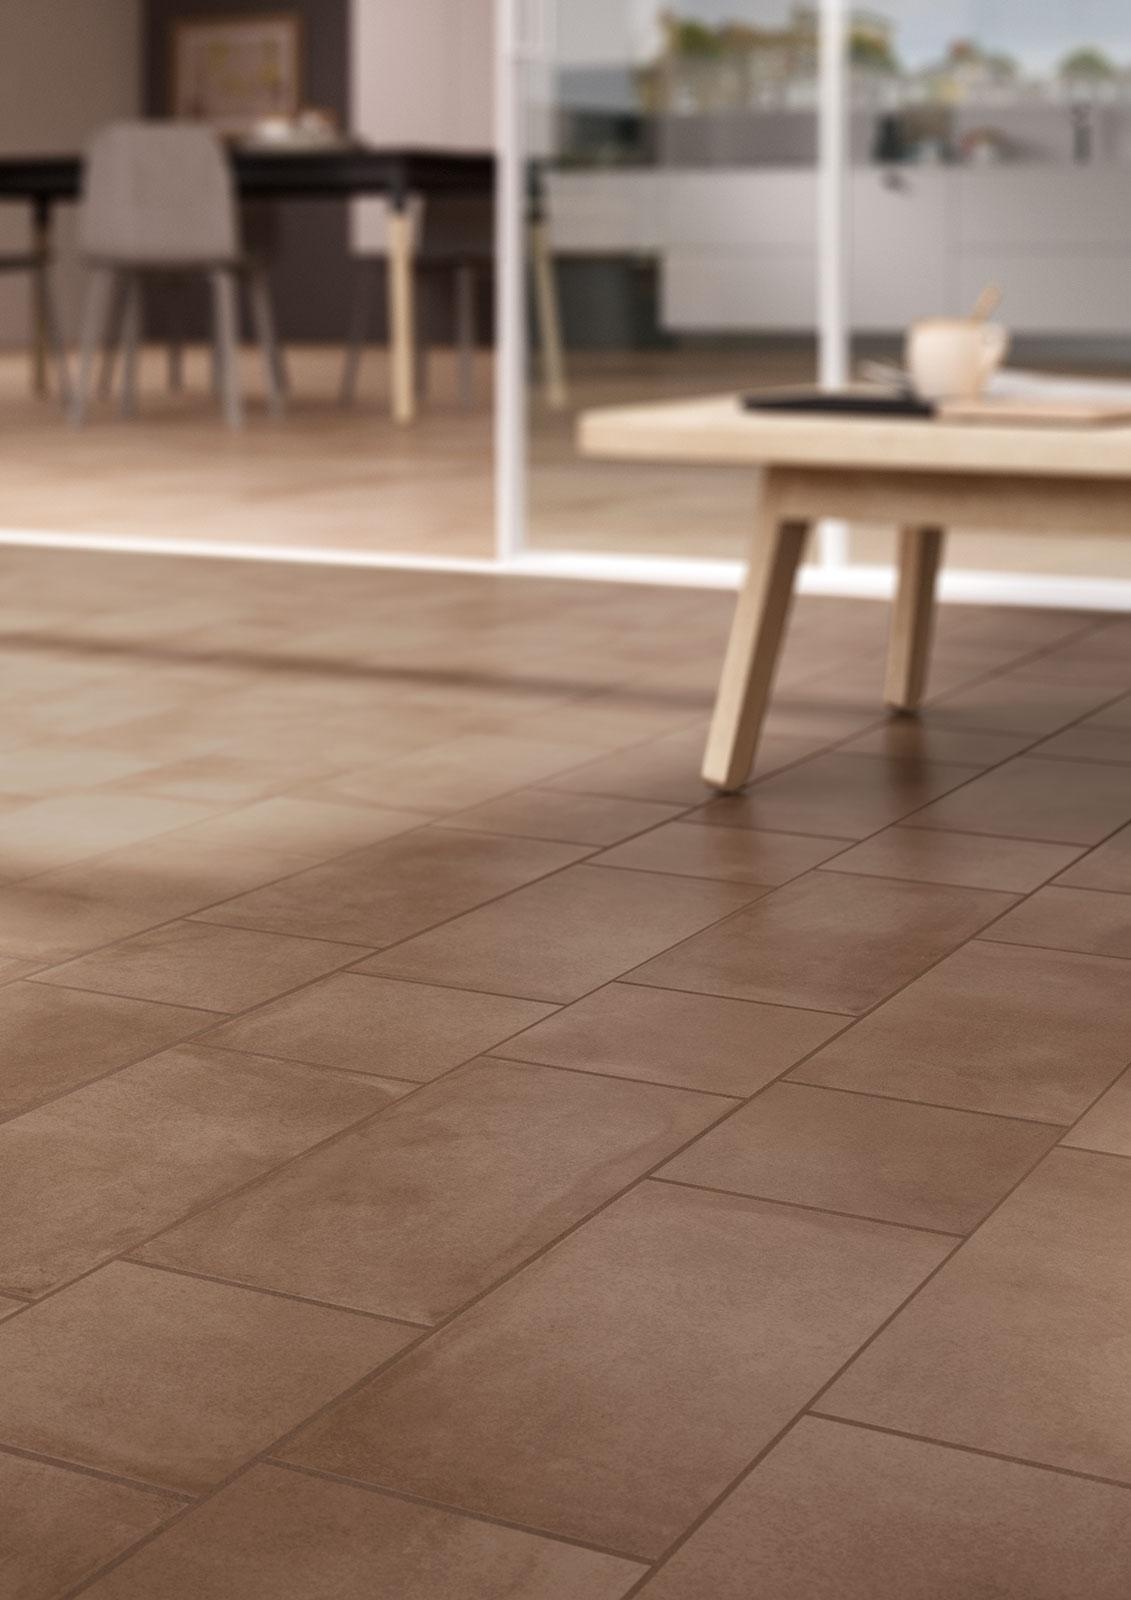 Pavimenti per esterni piastrelle gres porcellanato marazzi for Leroy merlin pavimenti gres